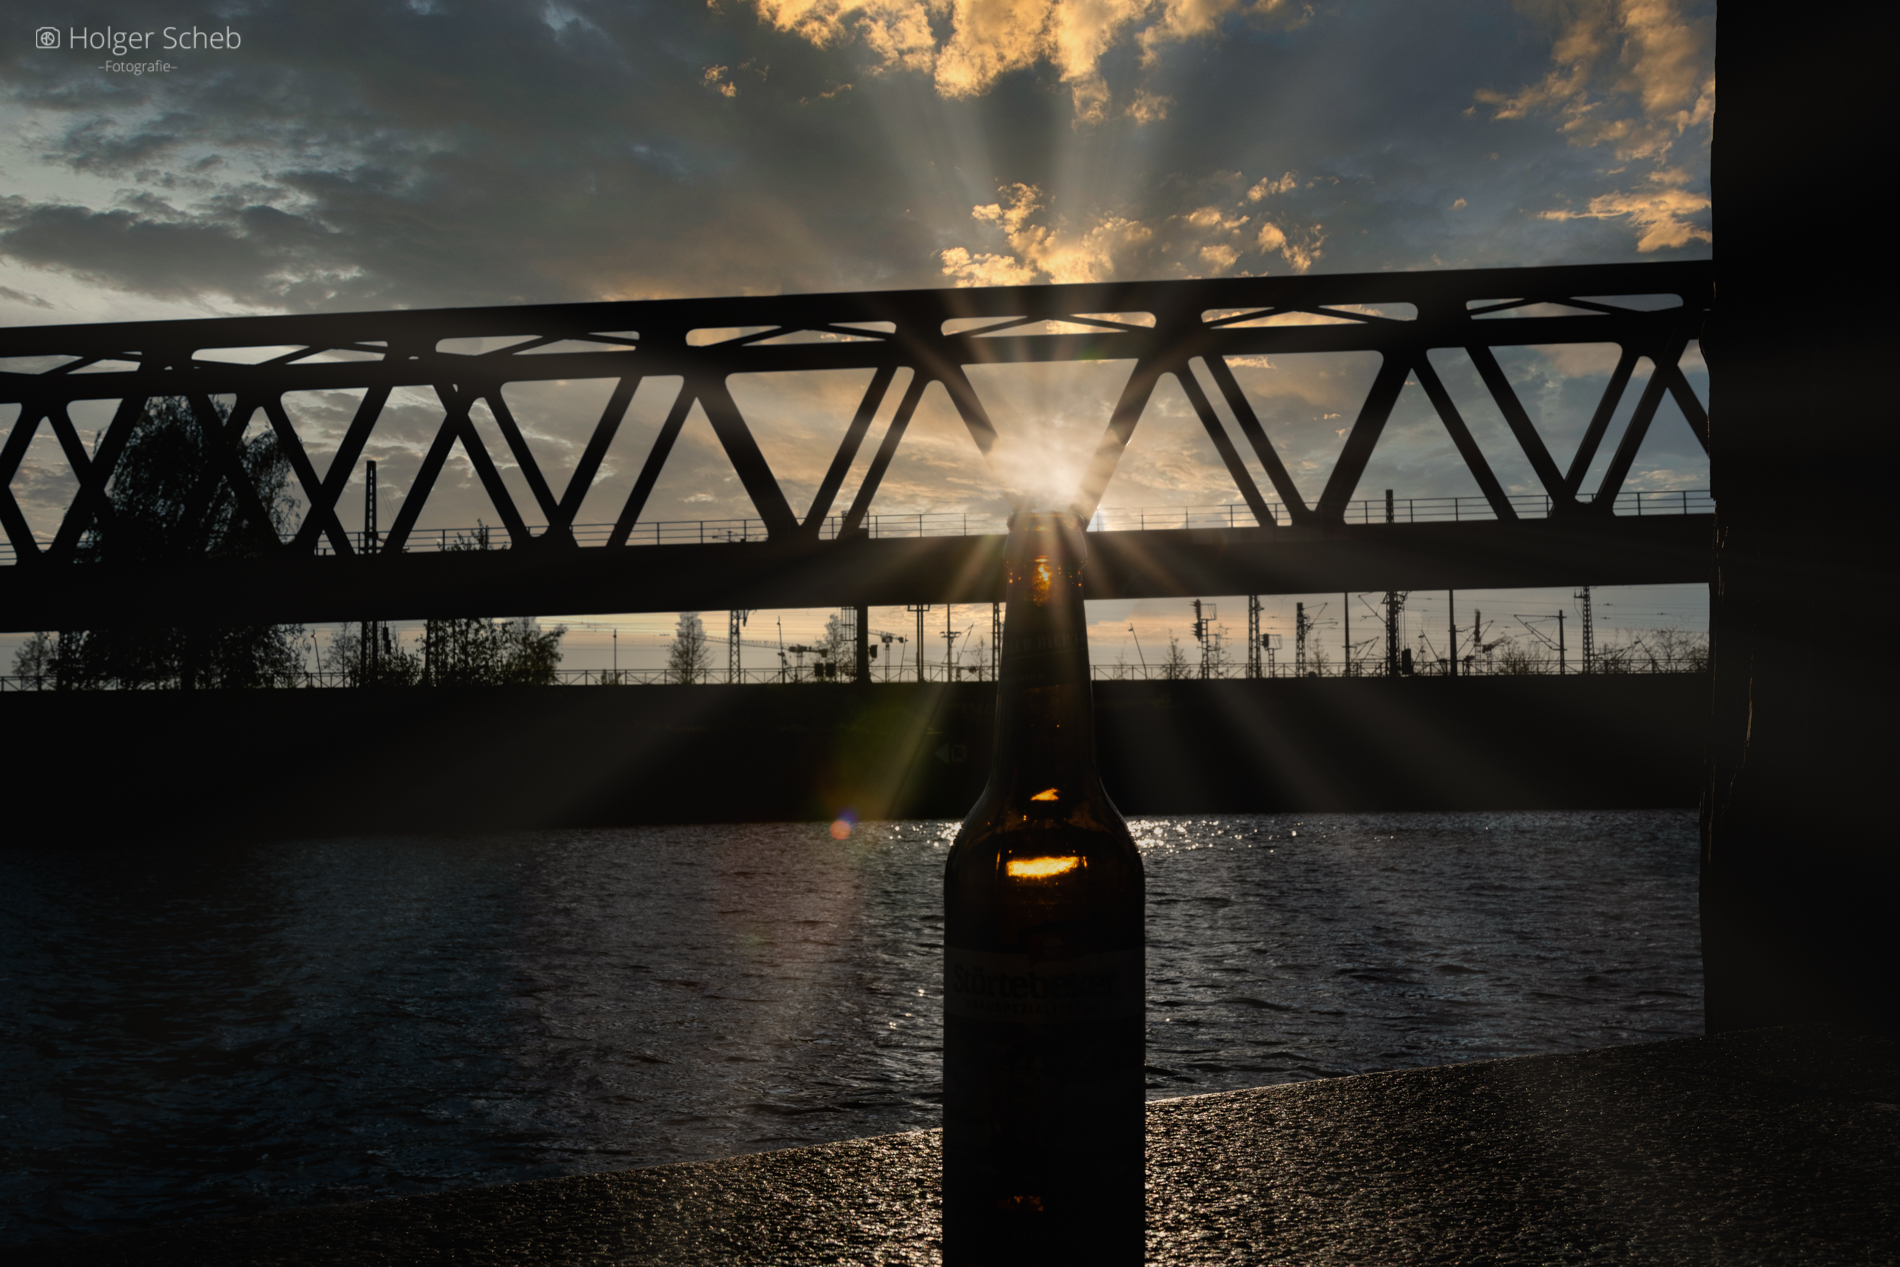 Bier und Brücke